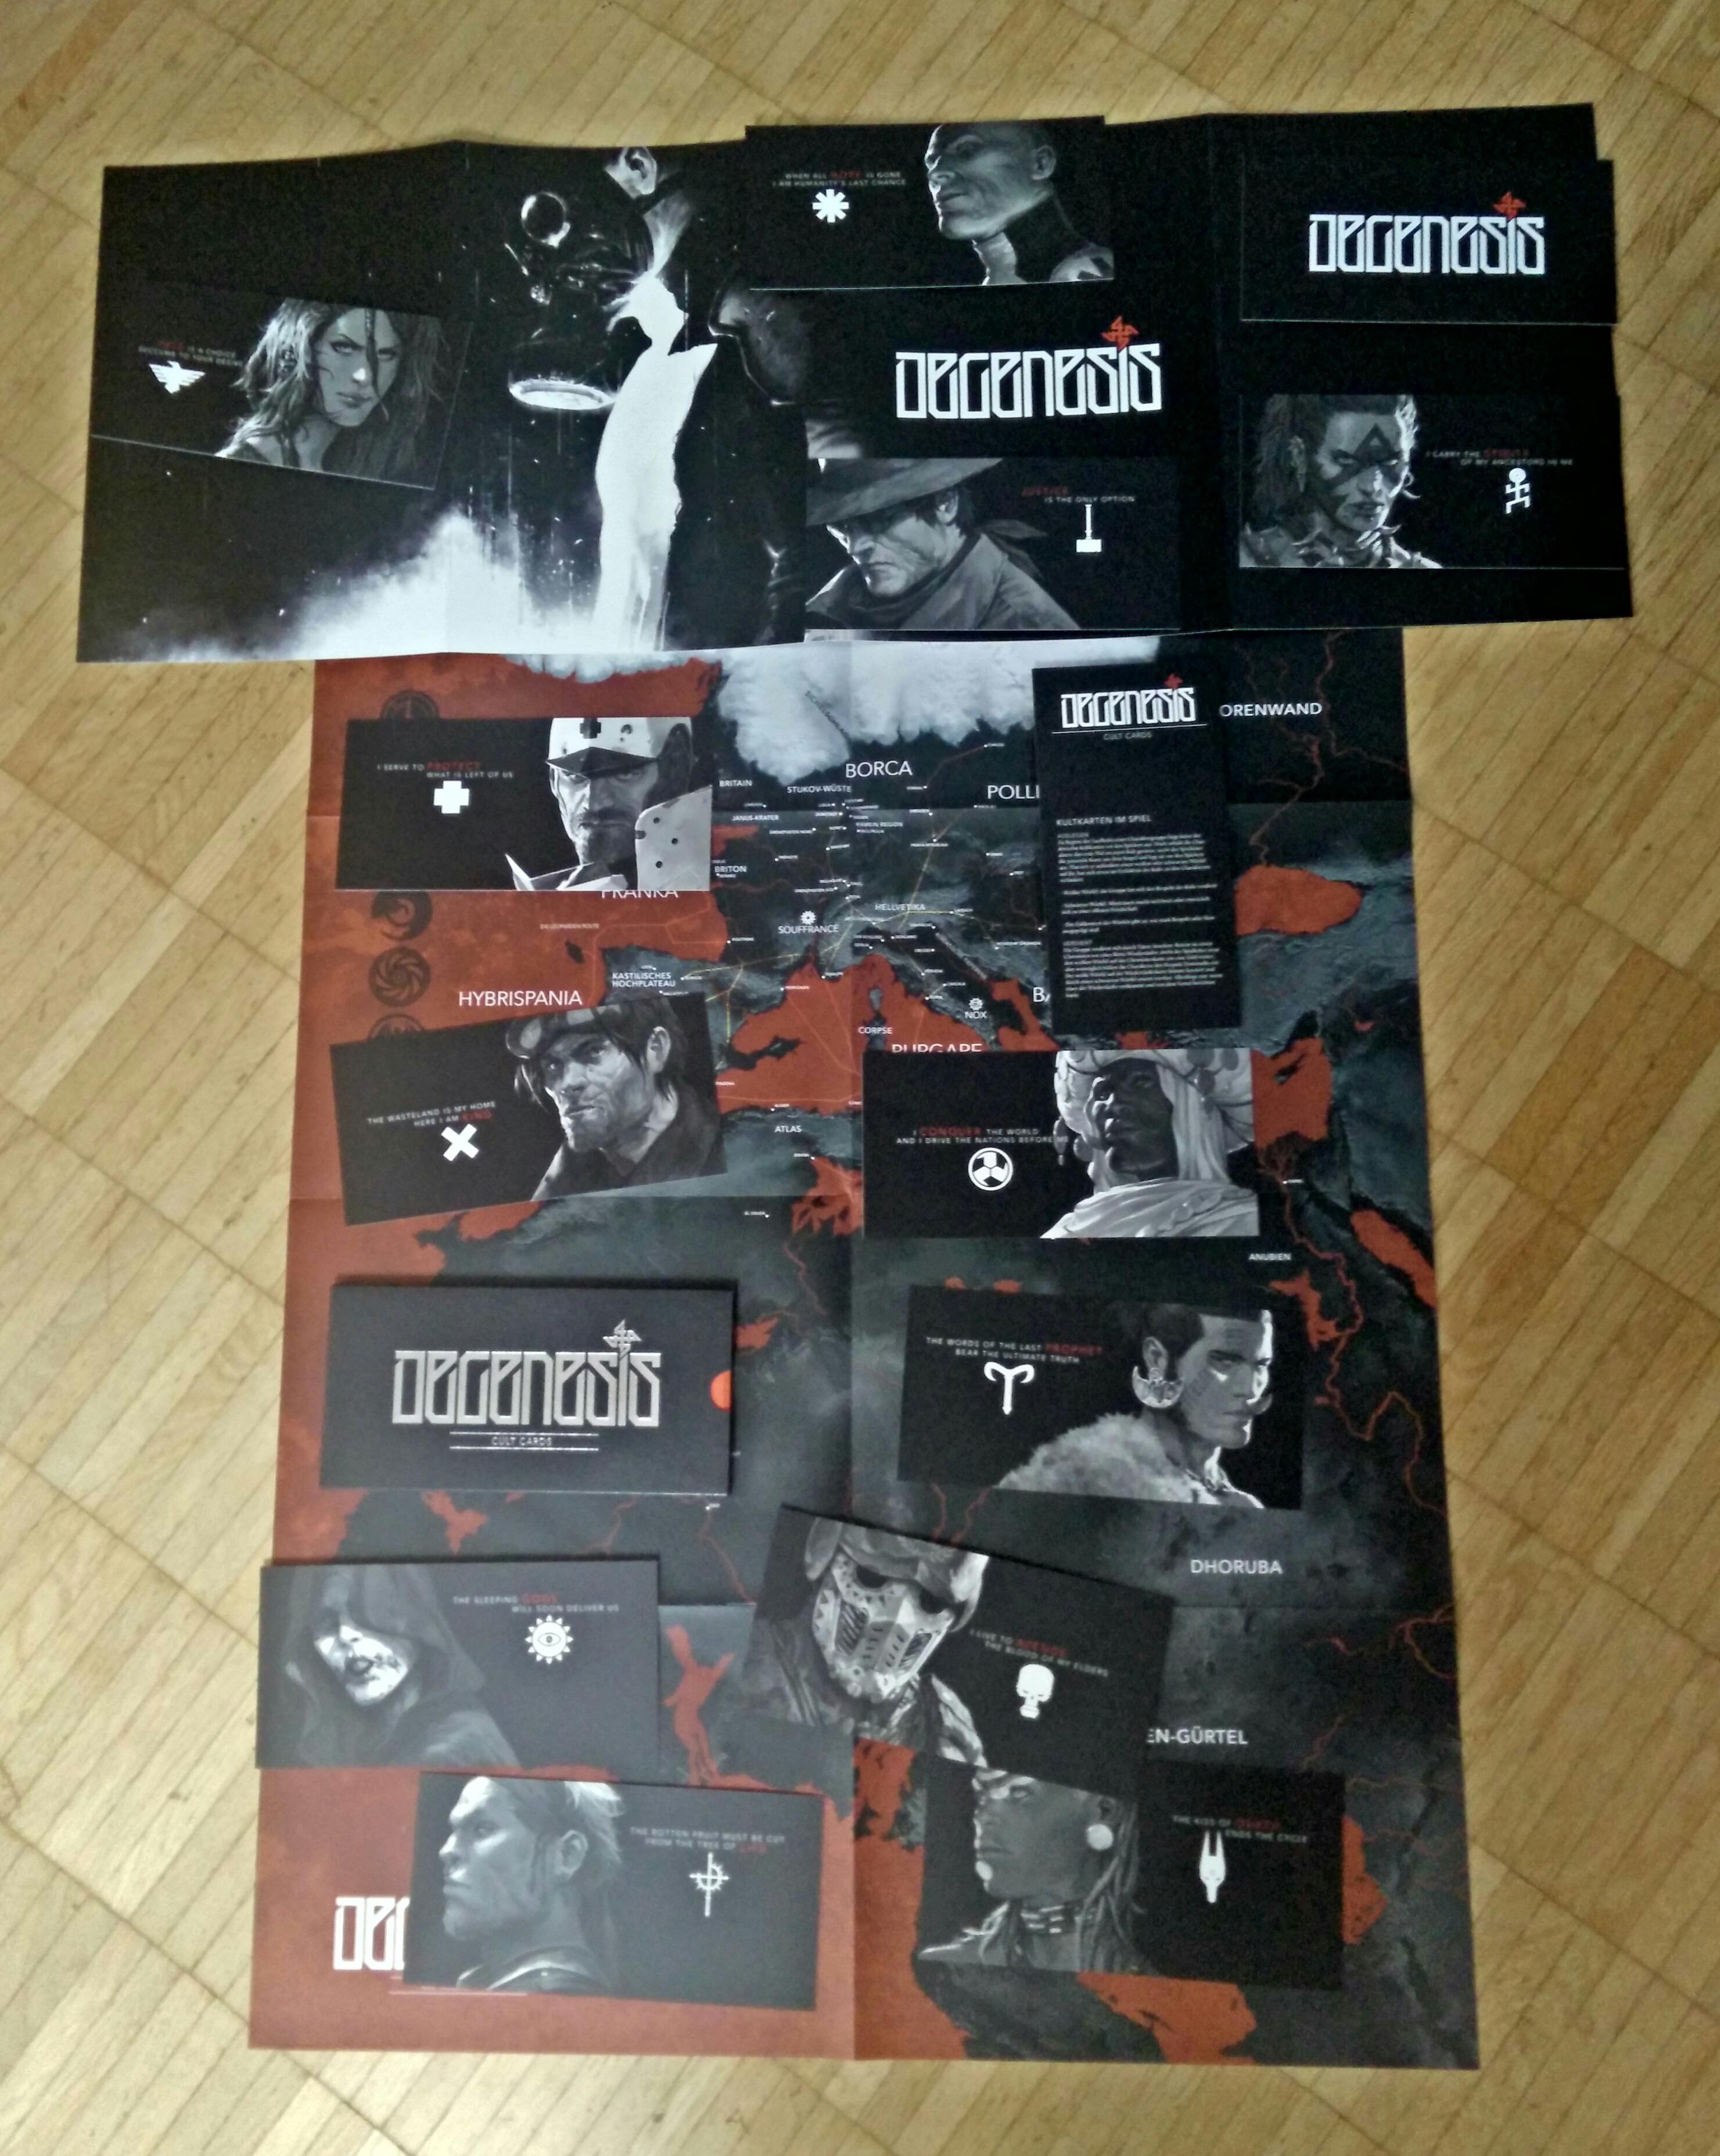 Degenesis: Rebirth Edition - Bonus-Material der Limited Edition (Karte, Charakterkarten, Spielleiterschirm) (Image: obskures.de)